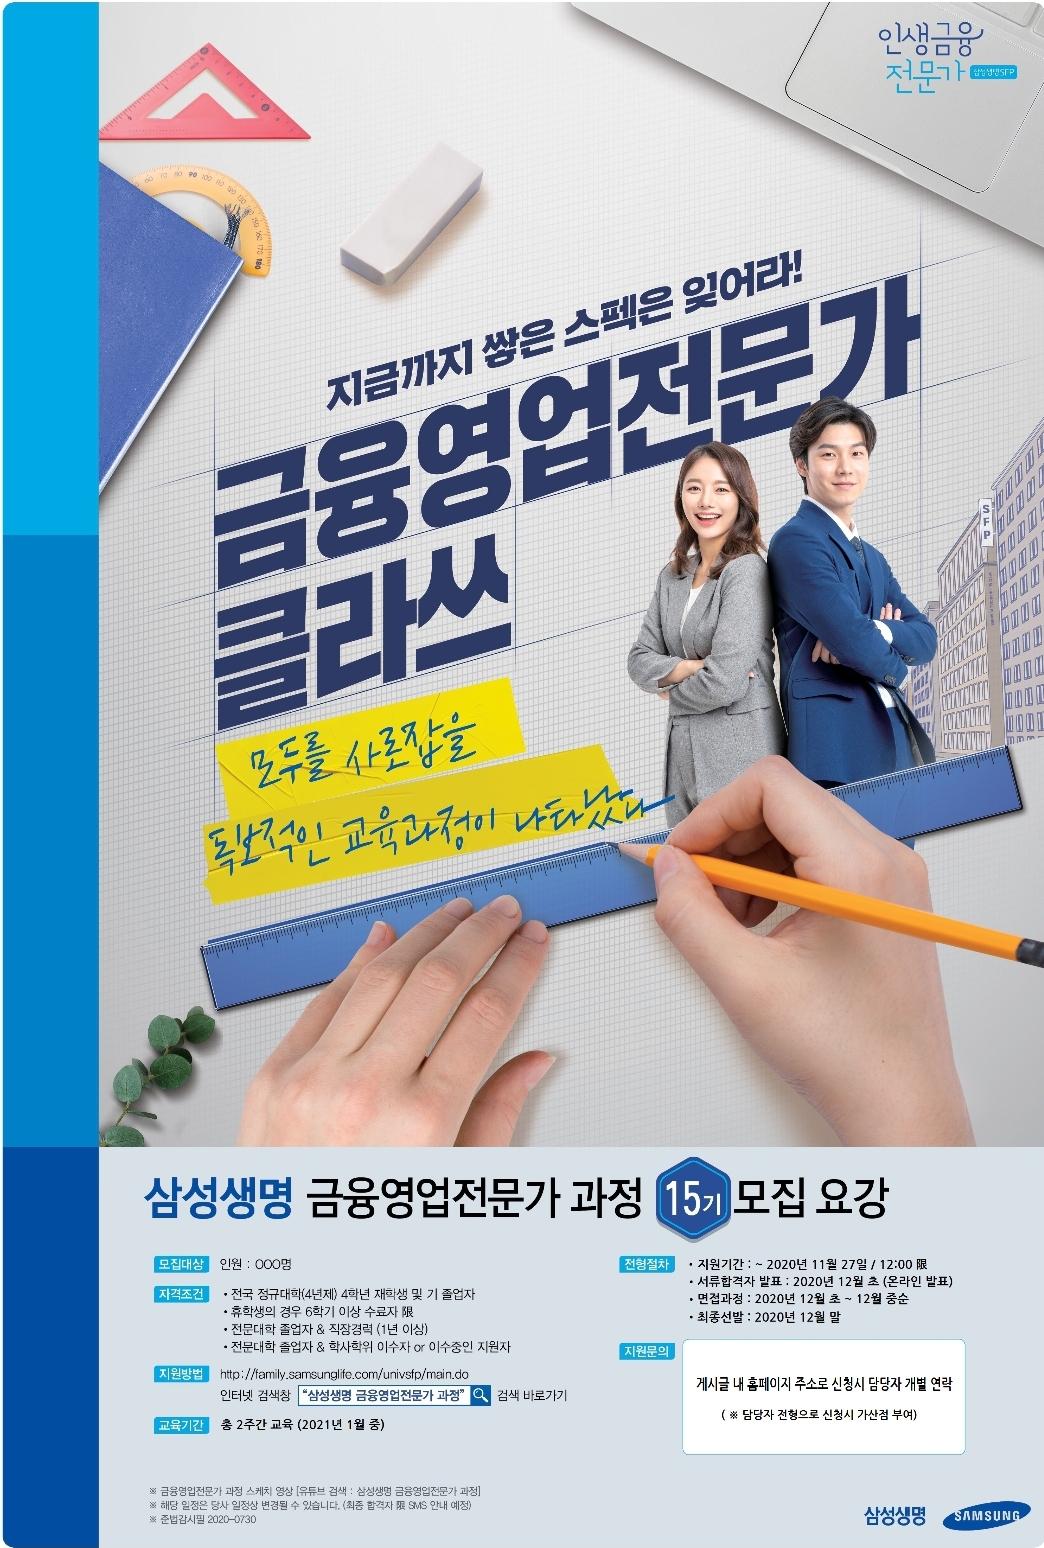 <삼성 금융전문가과정 15기 안내>